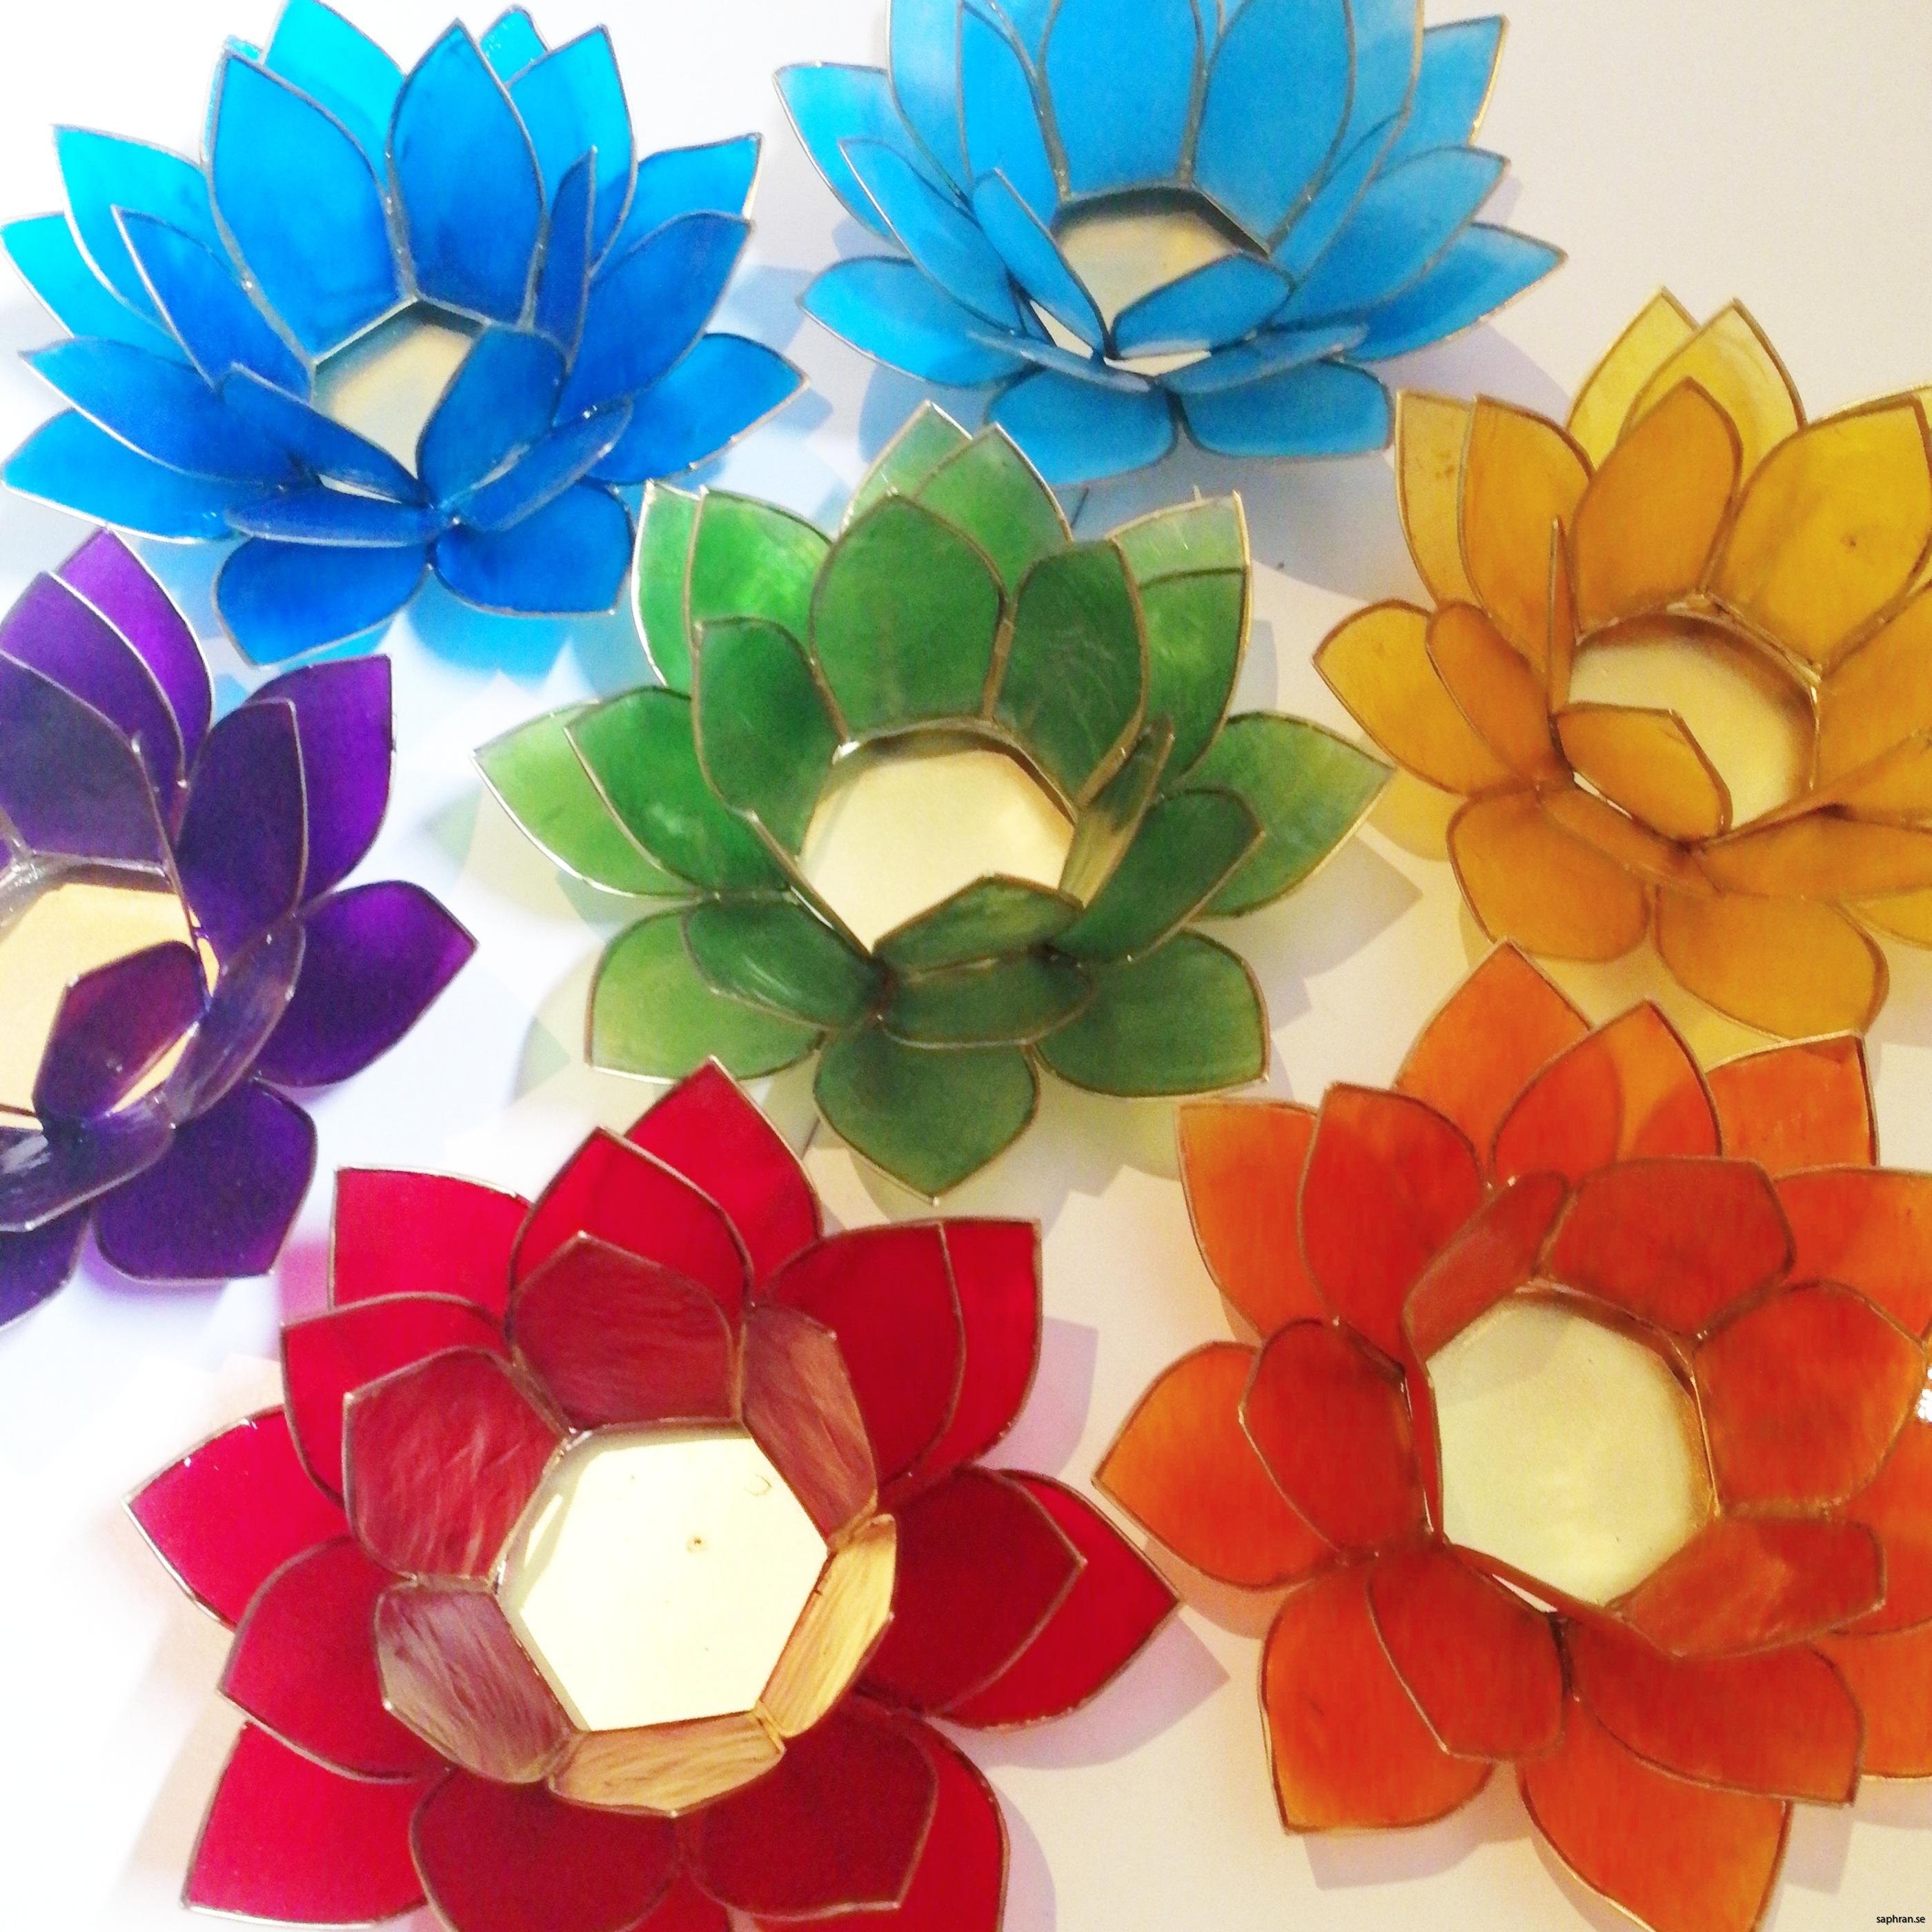 Lotusblomma ljuslykta 7 färger